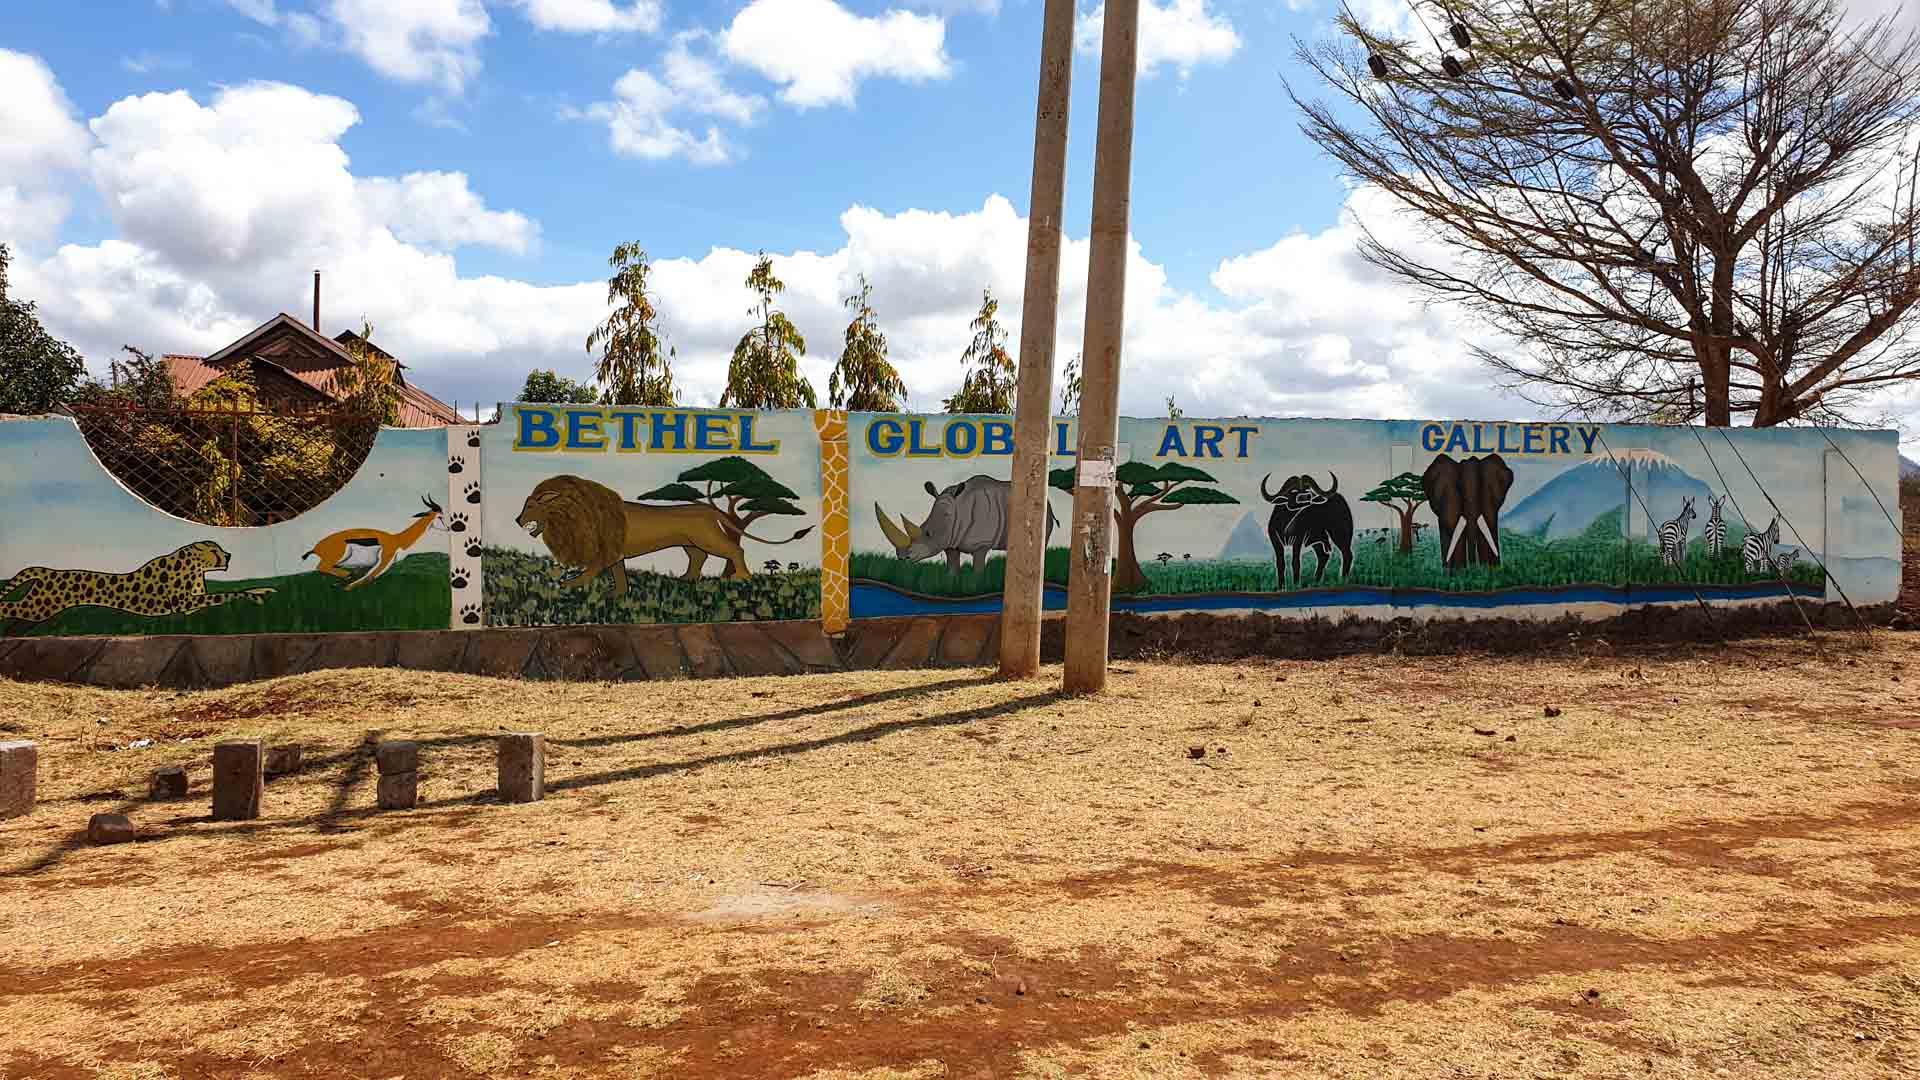 Bethel Global Art Gallery, Kenia